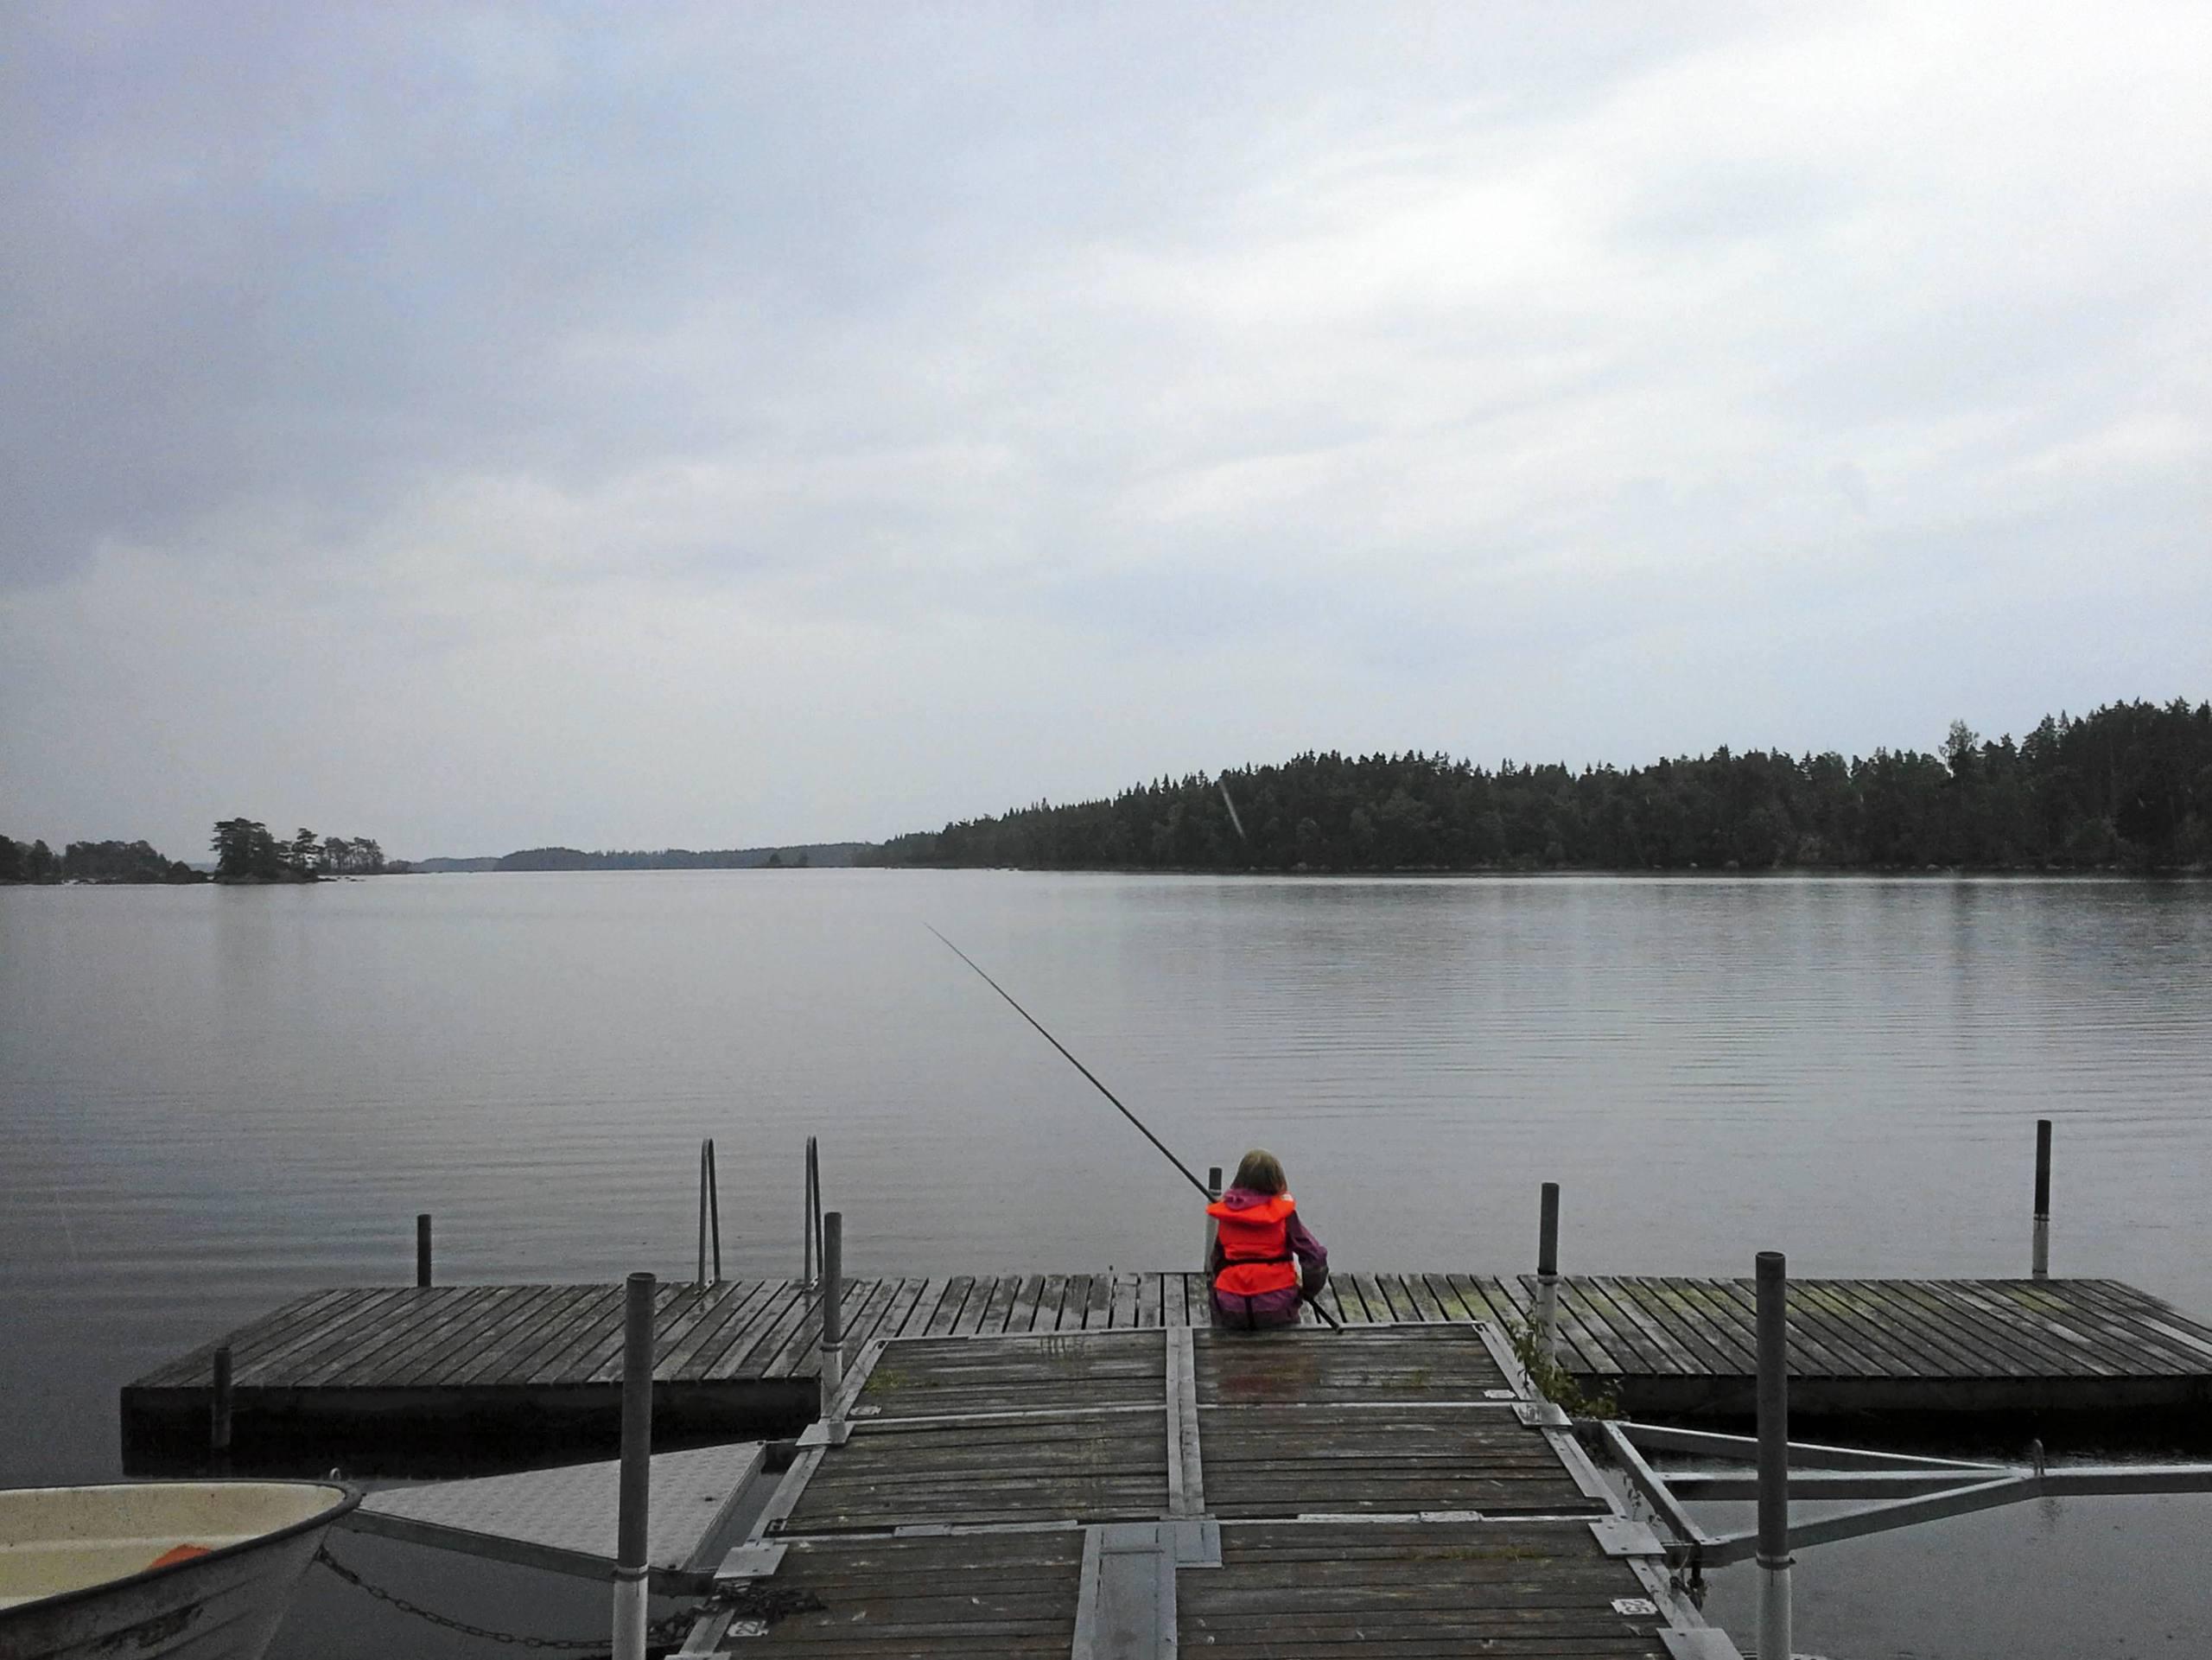 Var ar landsbygdspartierna nar yrkesfisket ar hotat